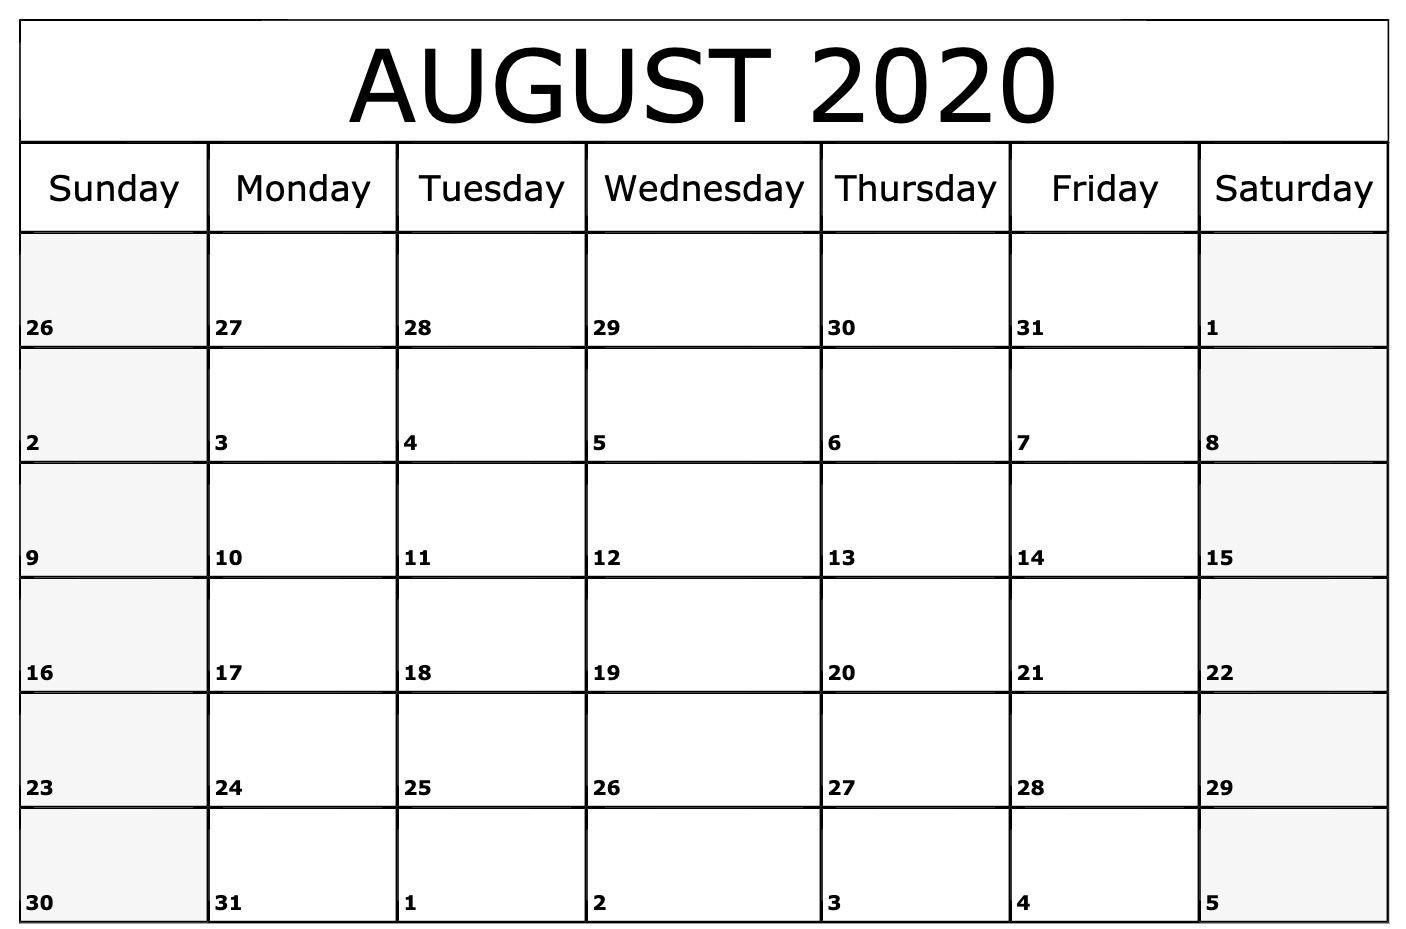 August 2020 Calendar Template | August Calendar, Blank-Blank Calendar Template June July August 2020